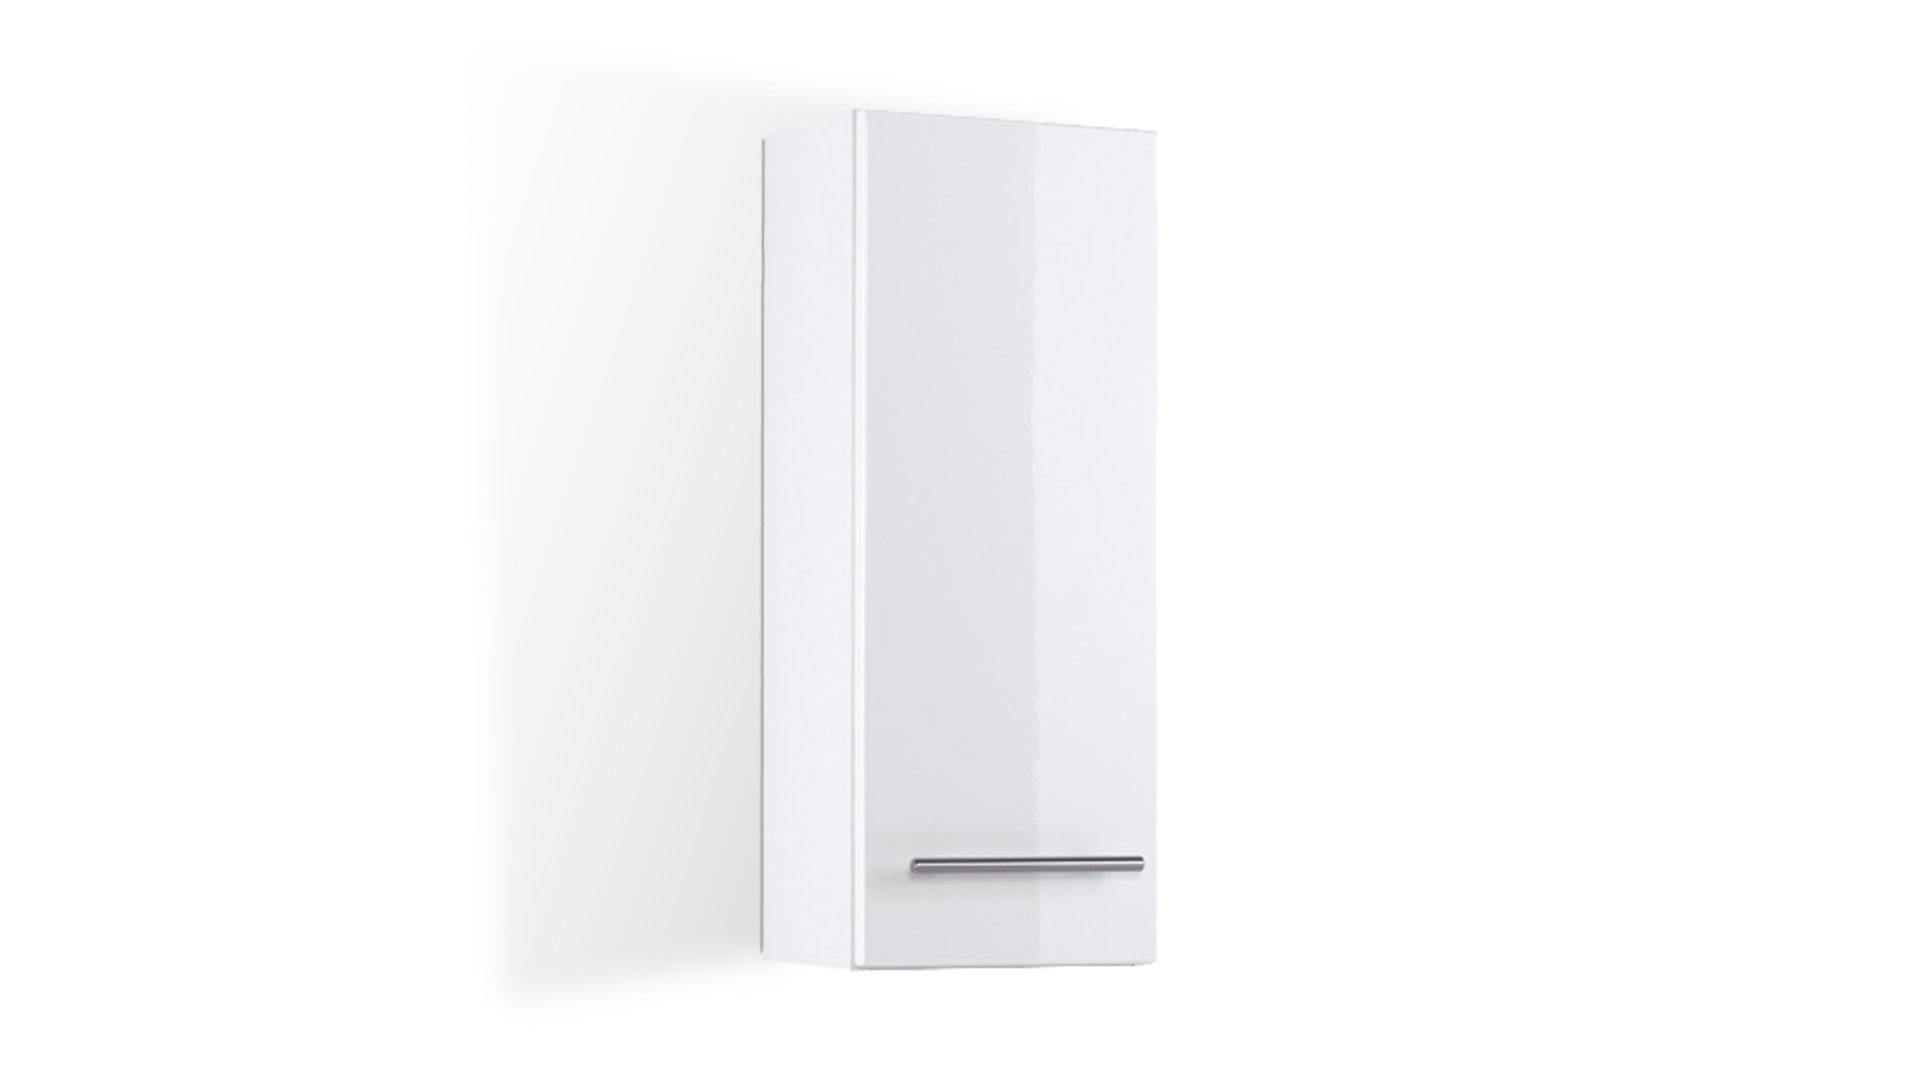 Bad-Hängeschrank Parma für Ihr Badezimmer, weiße Hochglanz- & weiße  Melaminoberflächen – Breite ca. 25 cm, eine Tür